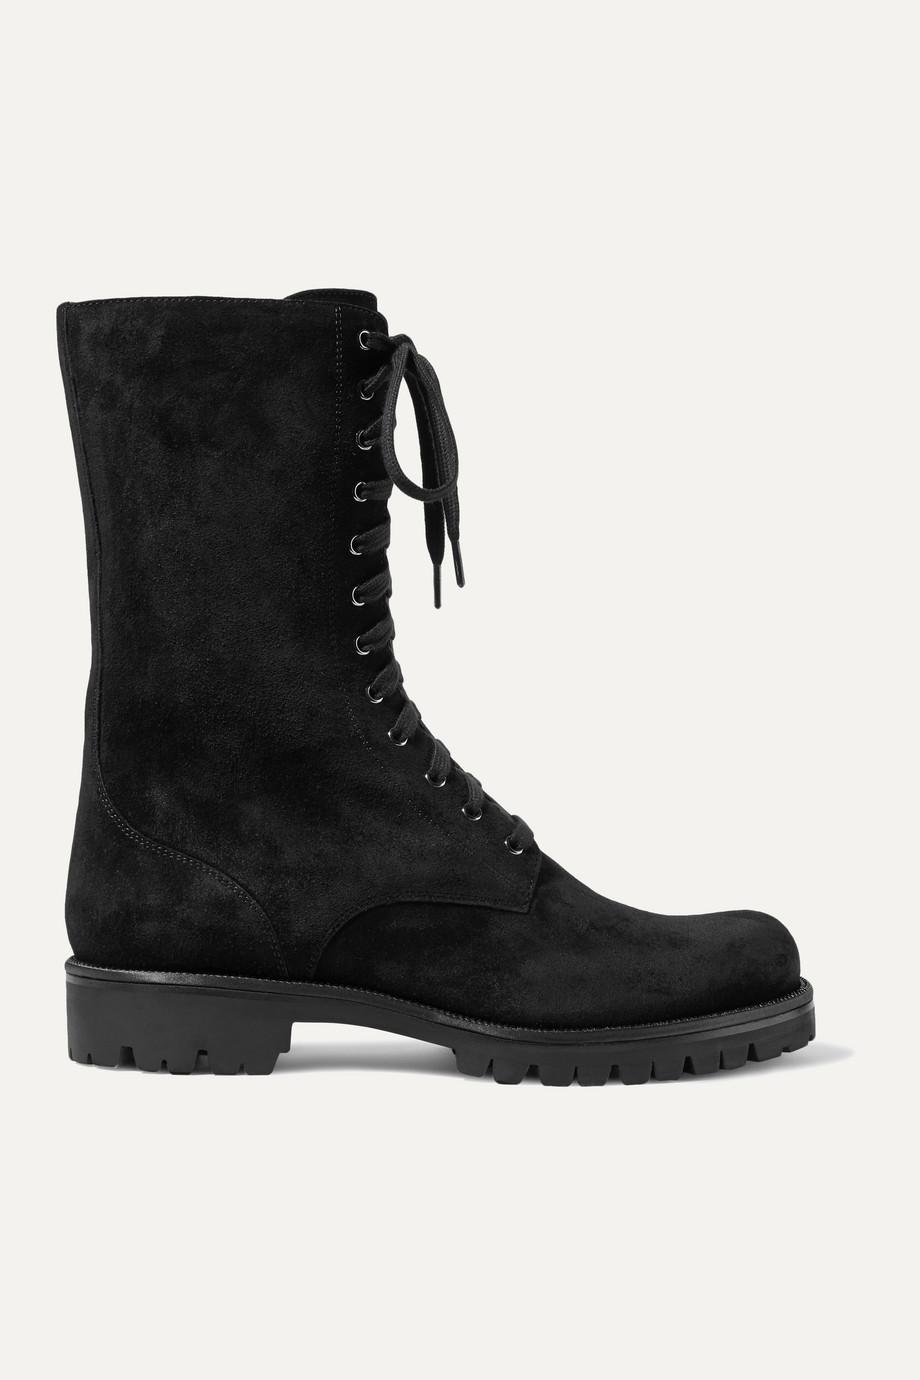 René Caovilla 水晶缀饰绒面革踝靴